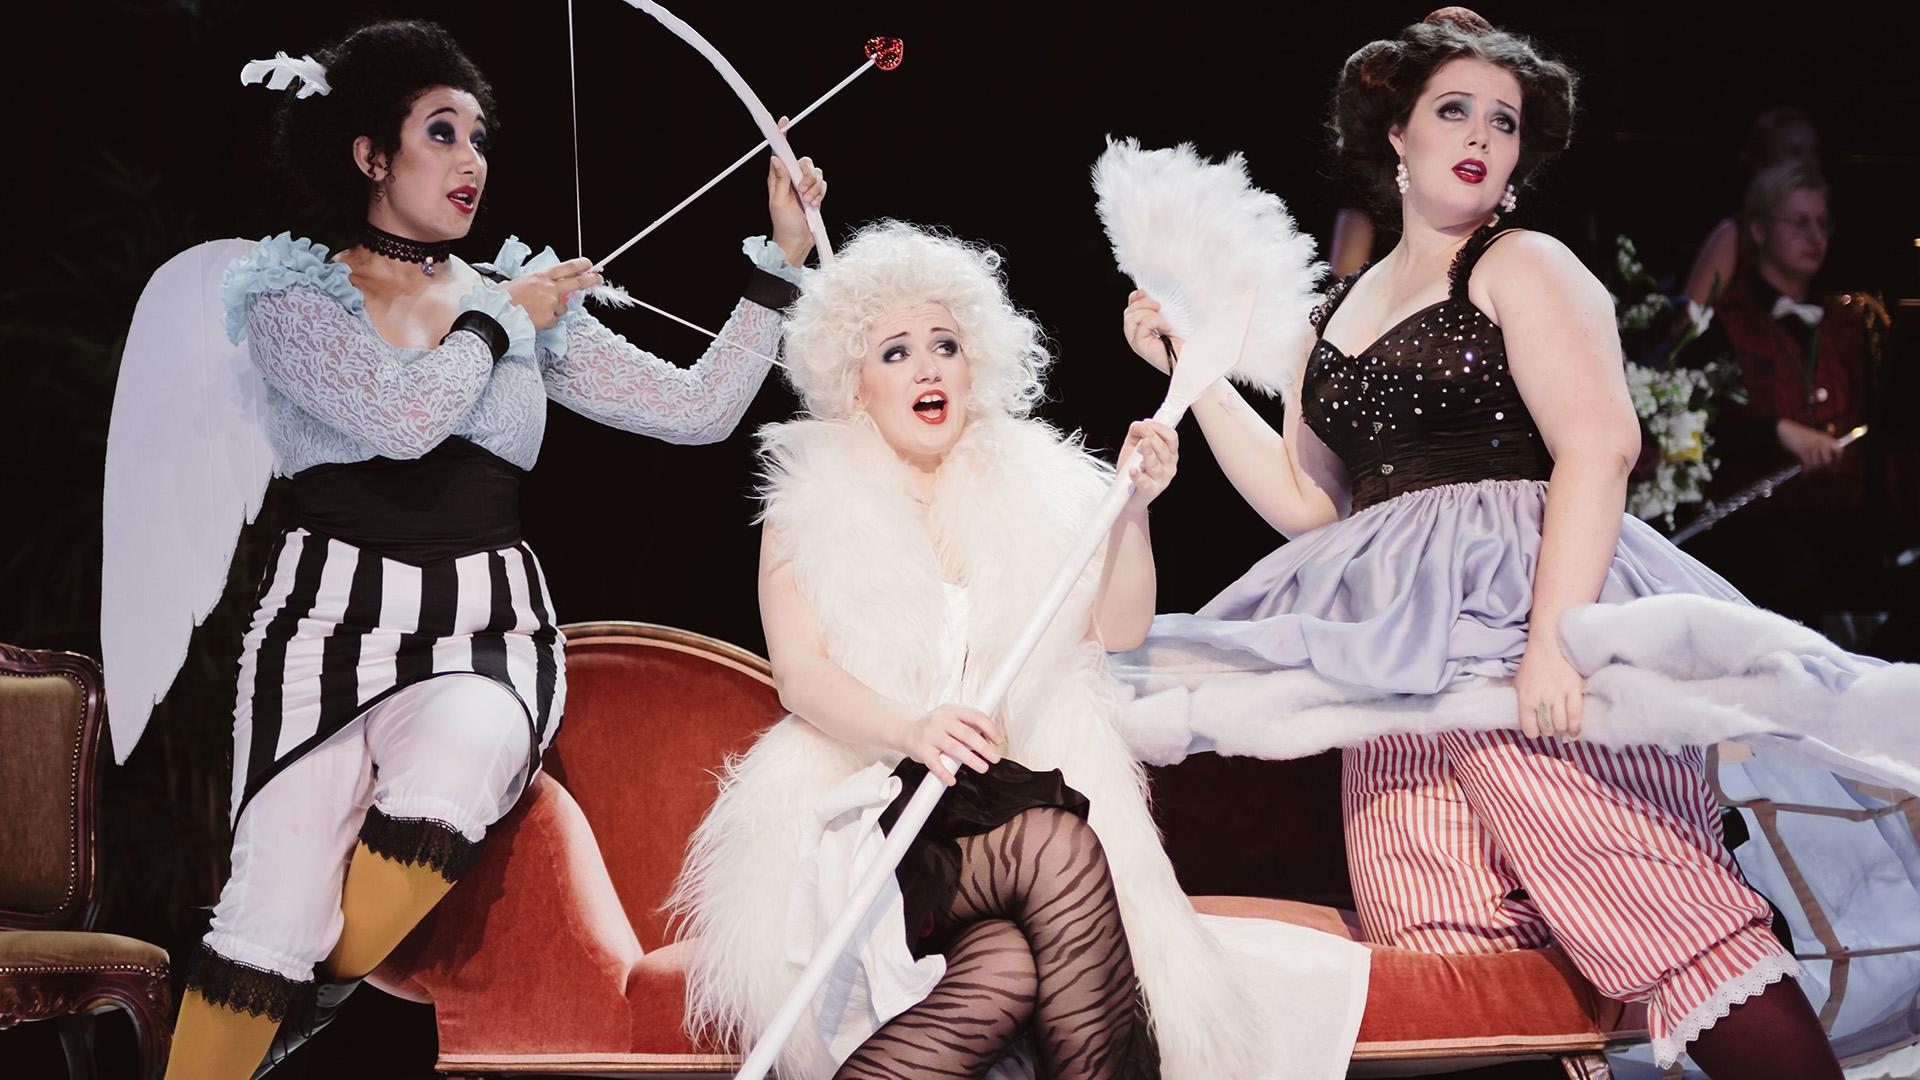 Kolme opiskelijaa esittää oopperaa lavalla.